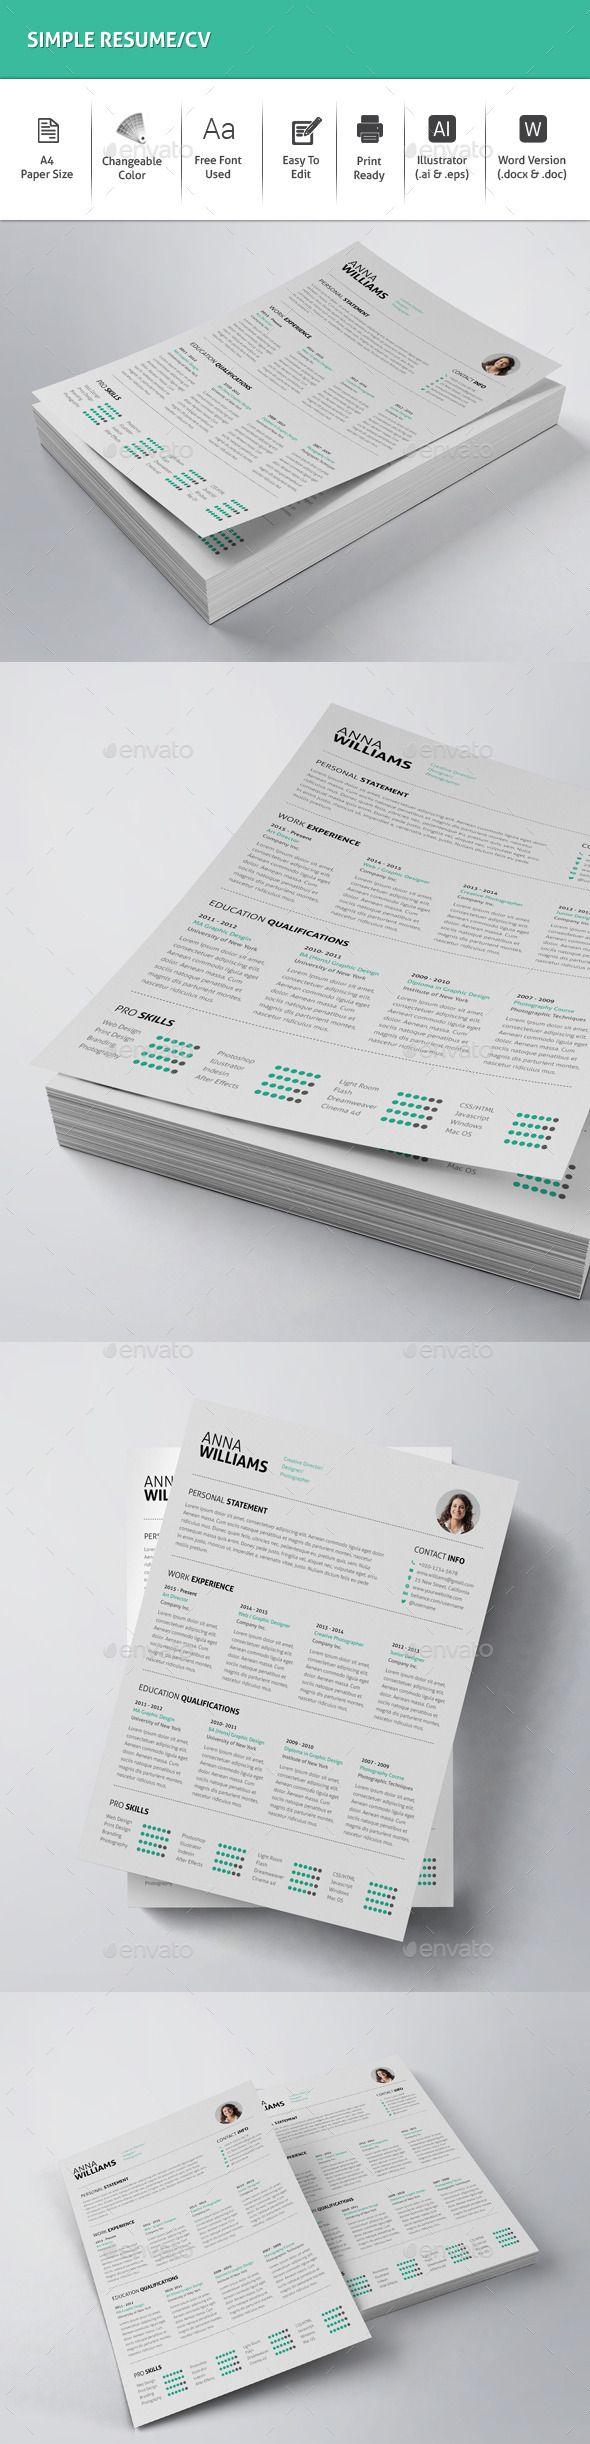 best 25 simple resume ideas on pinterest simple resume template